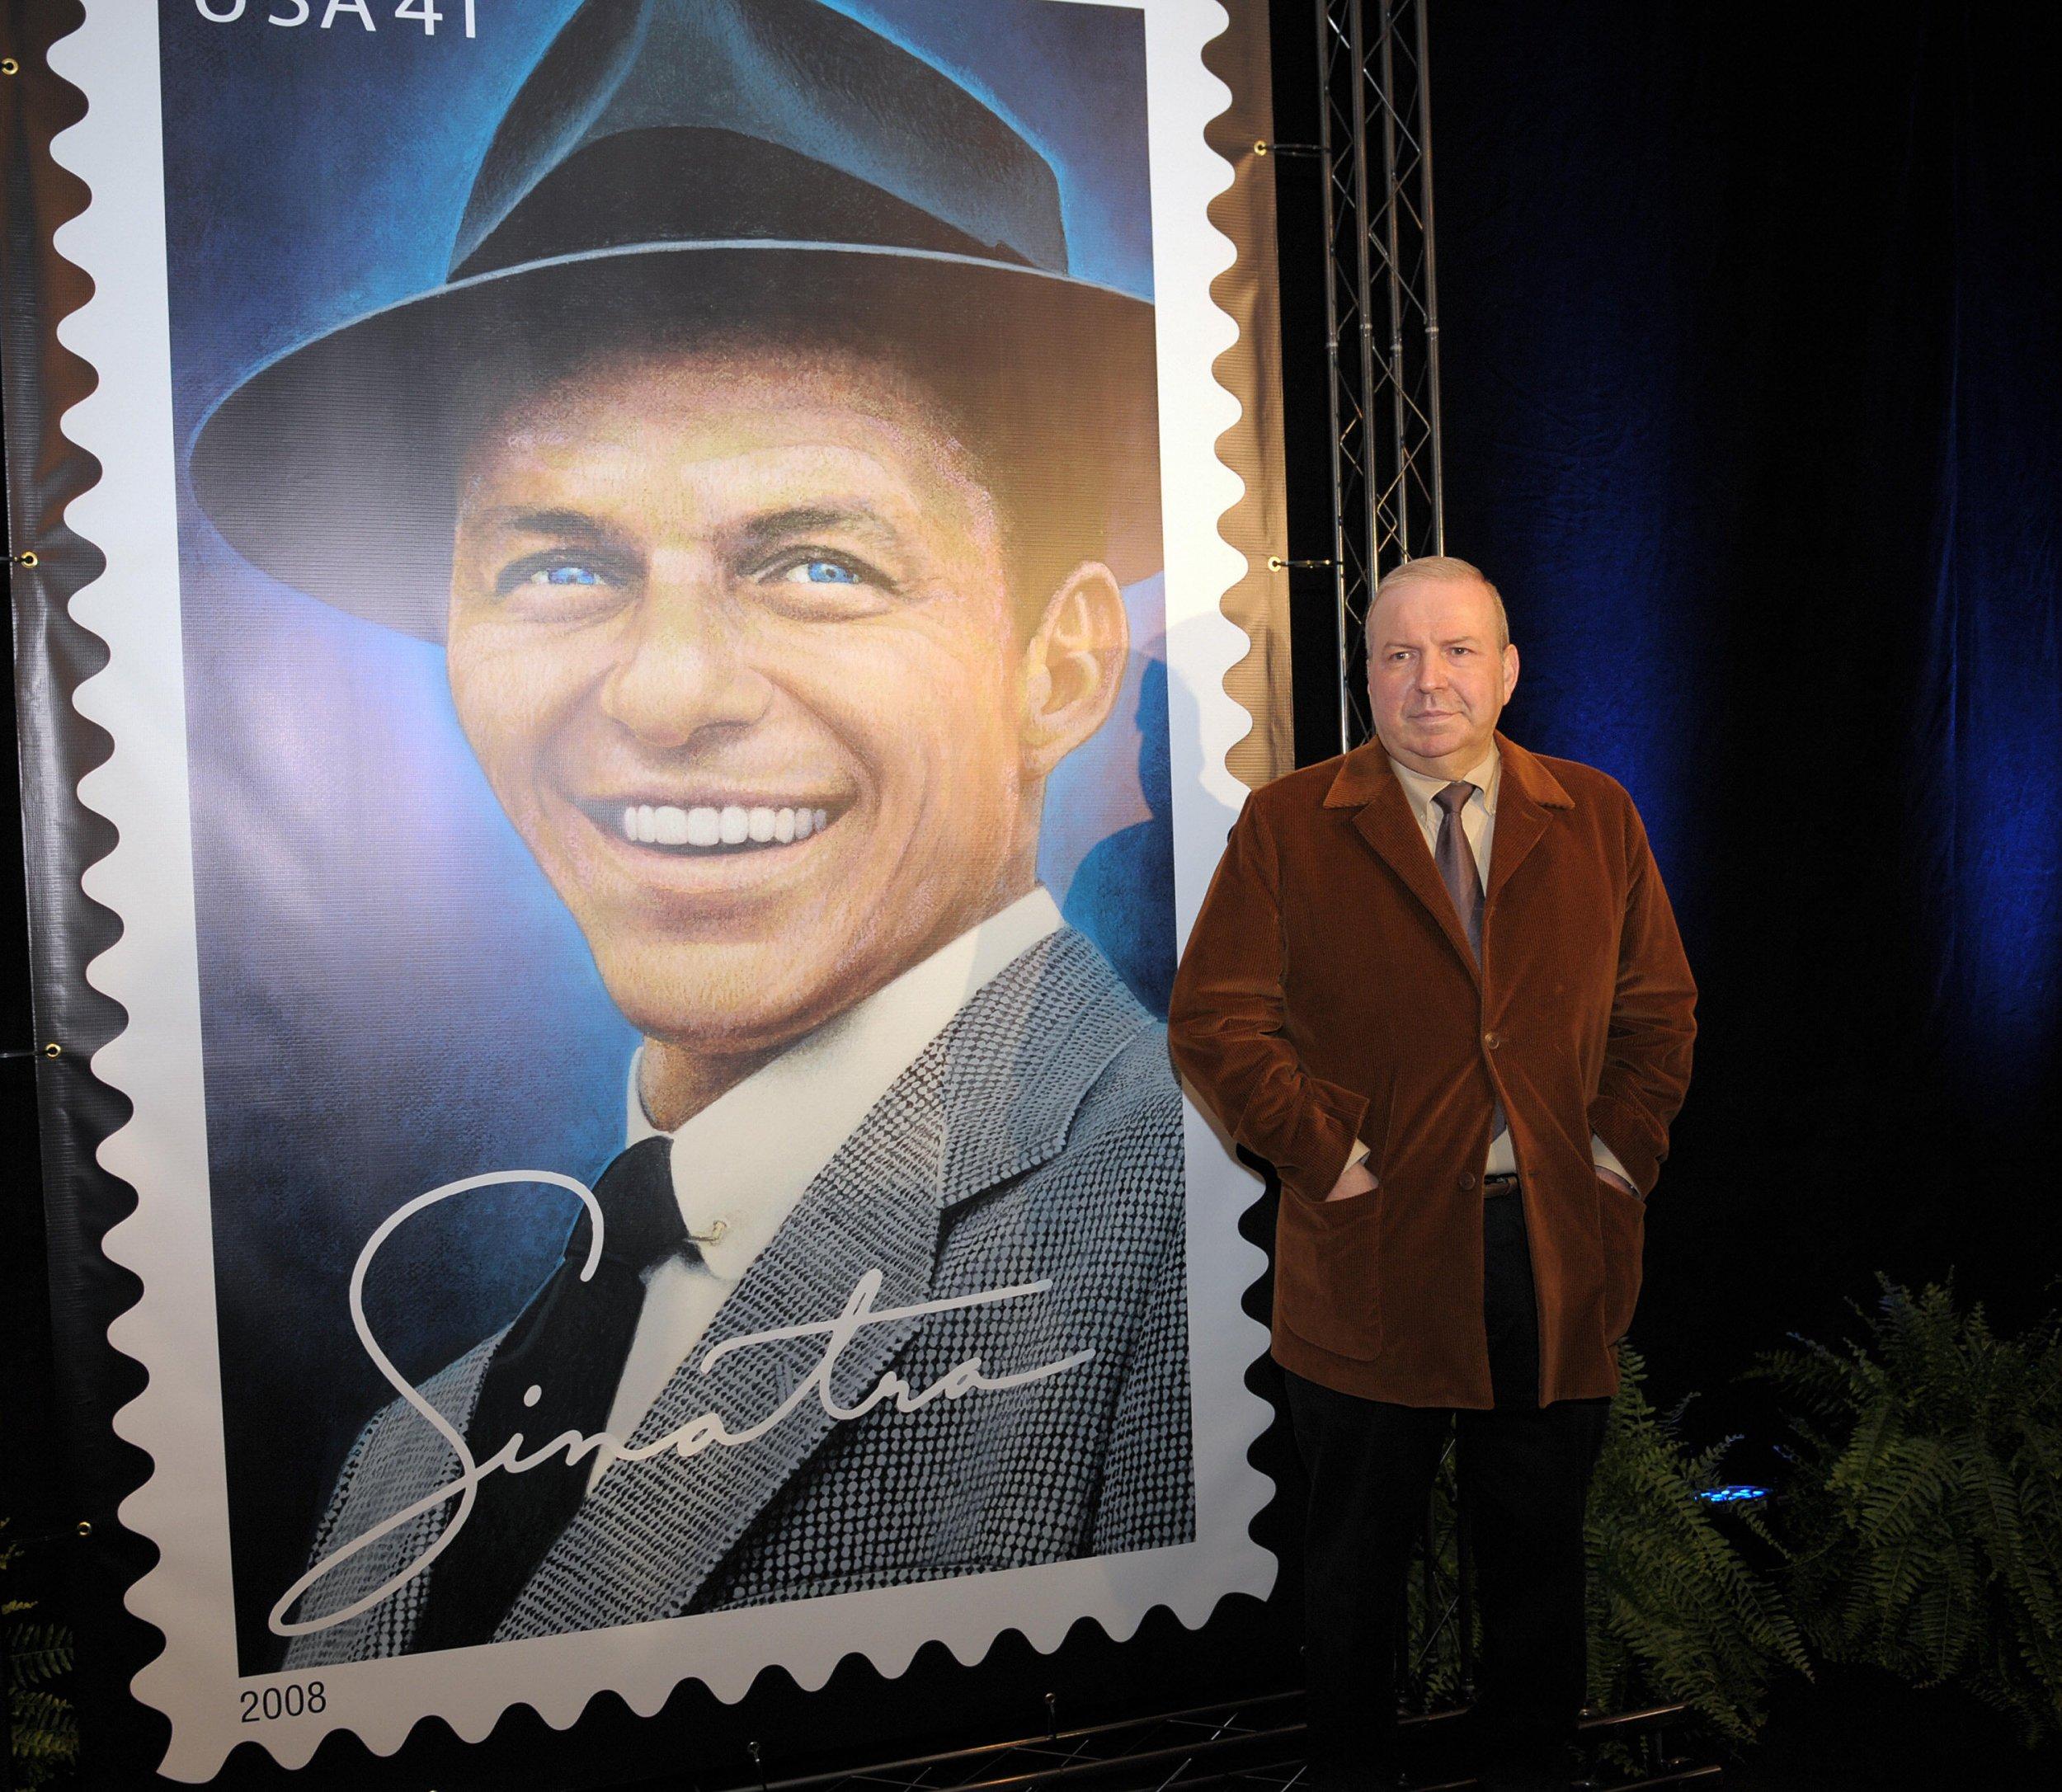 03_17_Frank_Sinatra_Junior_01